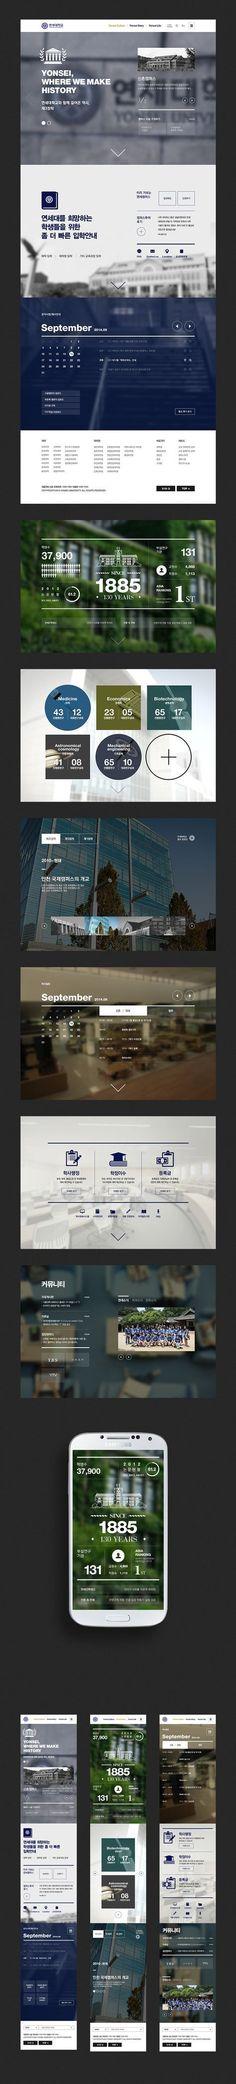 Yonsei University Web, Mobile renewal proposal #ResponsiveWebDesign